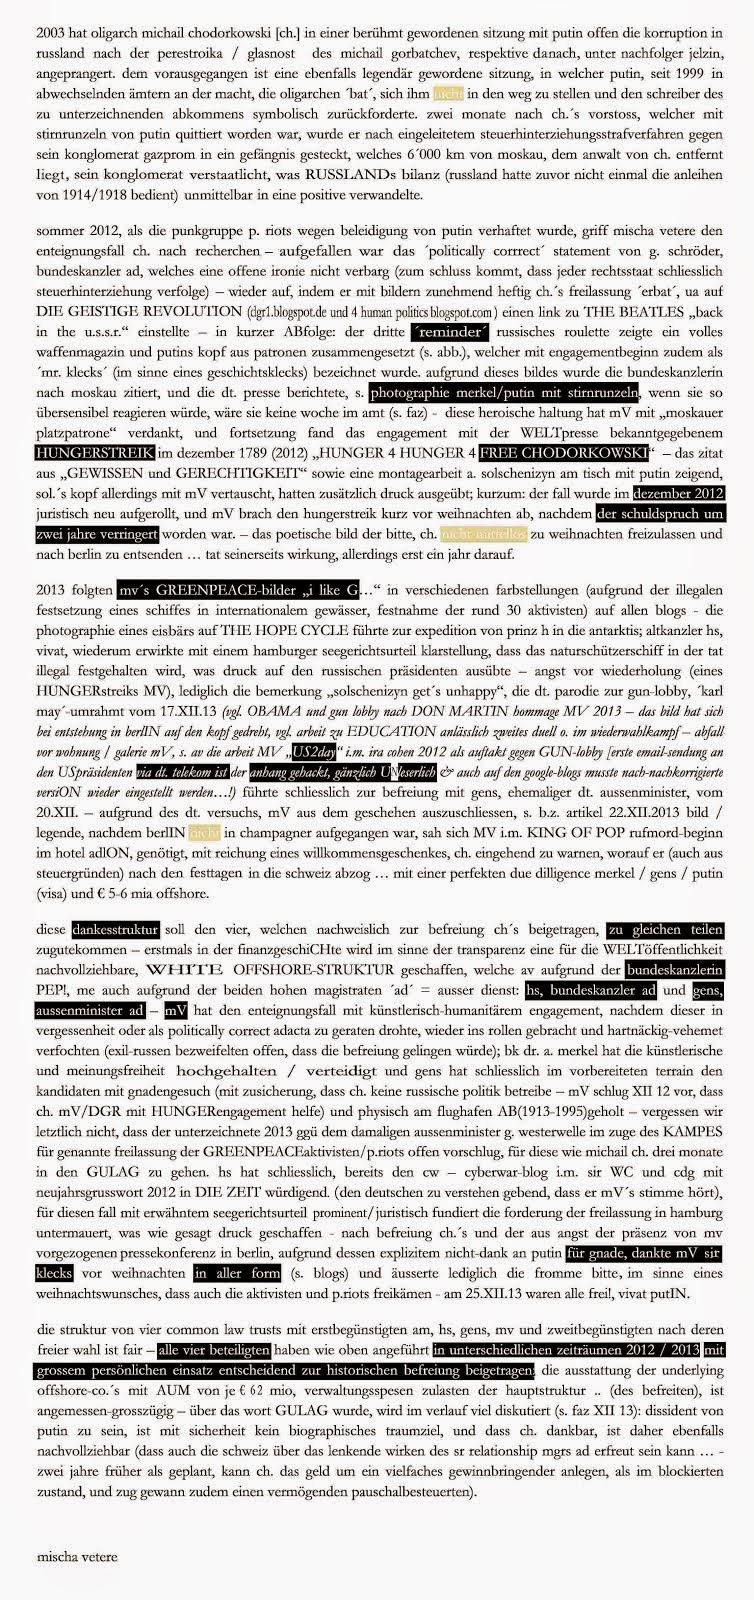 la tricherie allemande concernant m. chodorkowski liberatiON n´est pas comprehensible mischa vetere